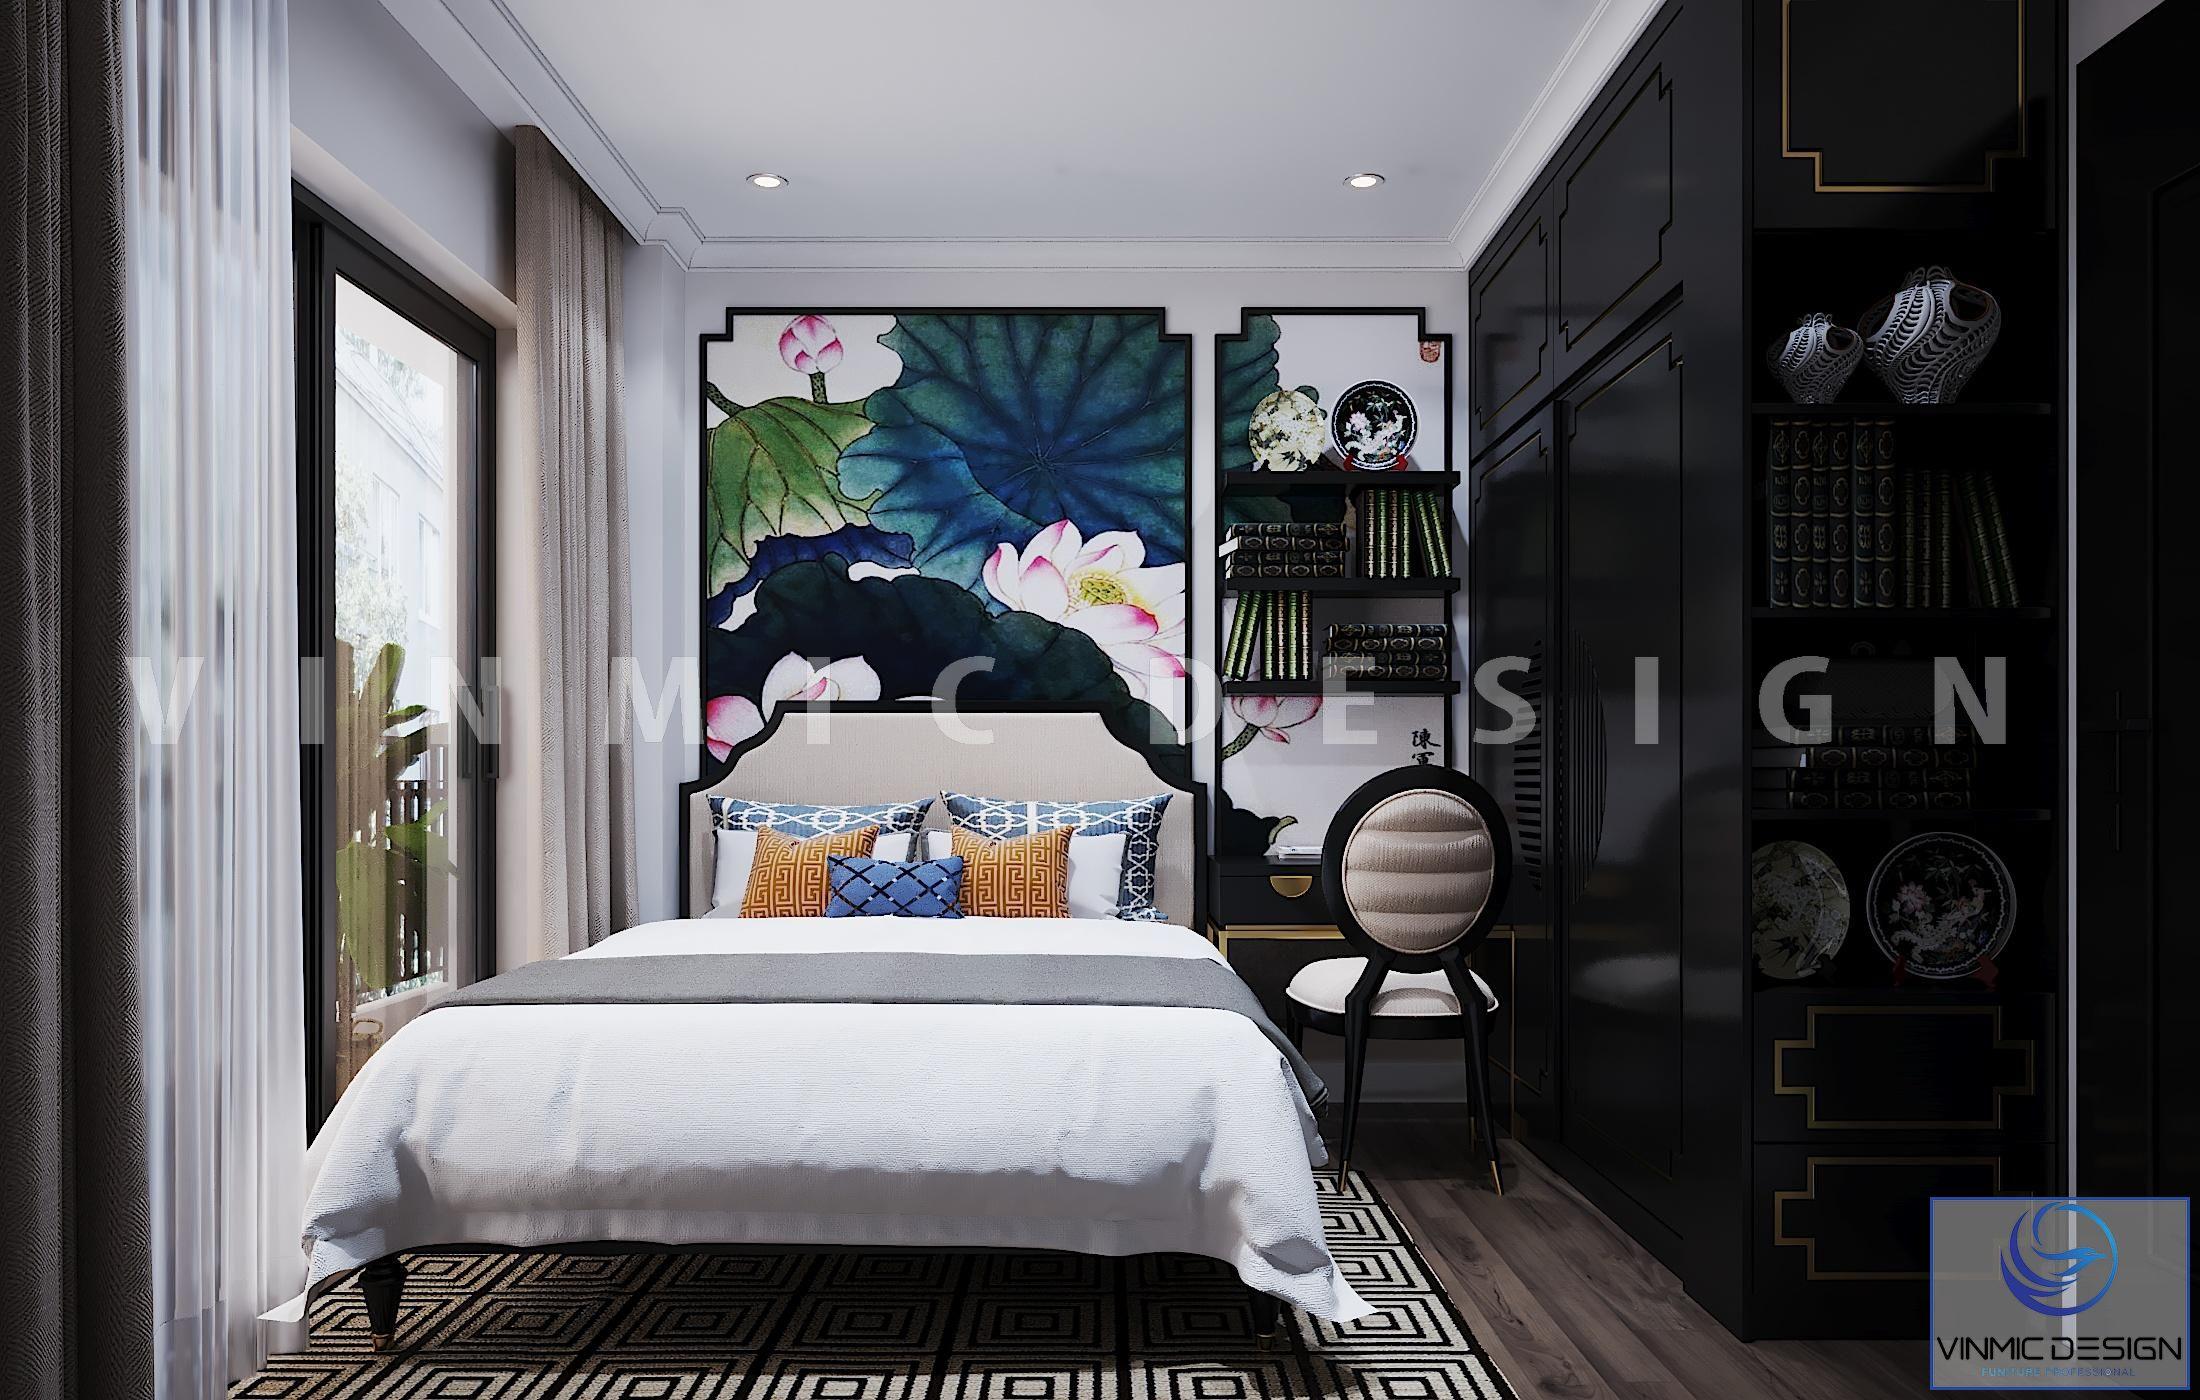 Thiết kế nội thất phòng ngủ ấn tượng phong cách Indochine (Á Đông) cho căn hộ tại chung cư Vinhomes Metropolis